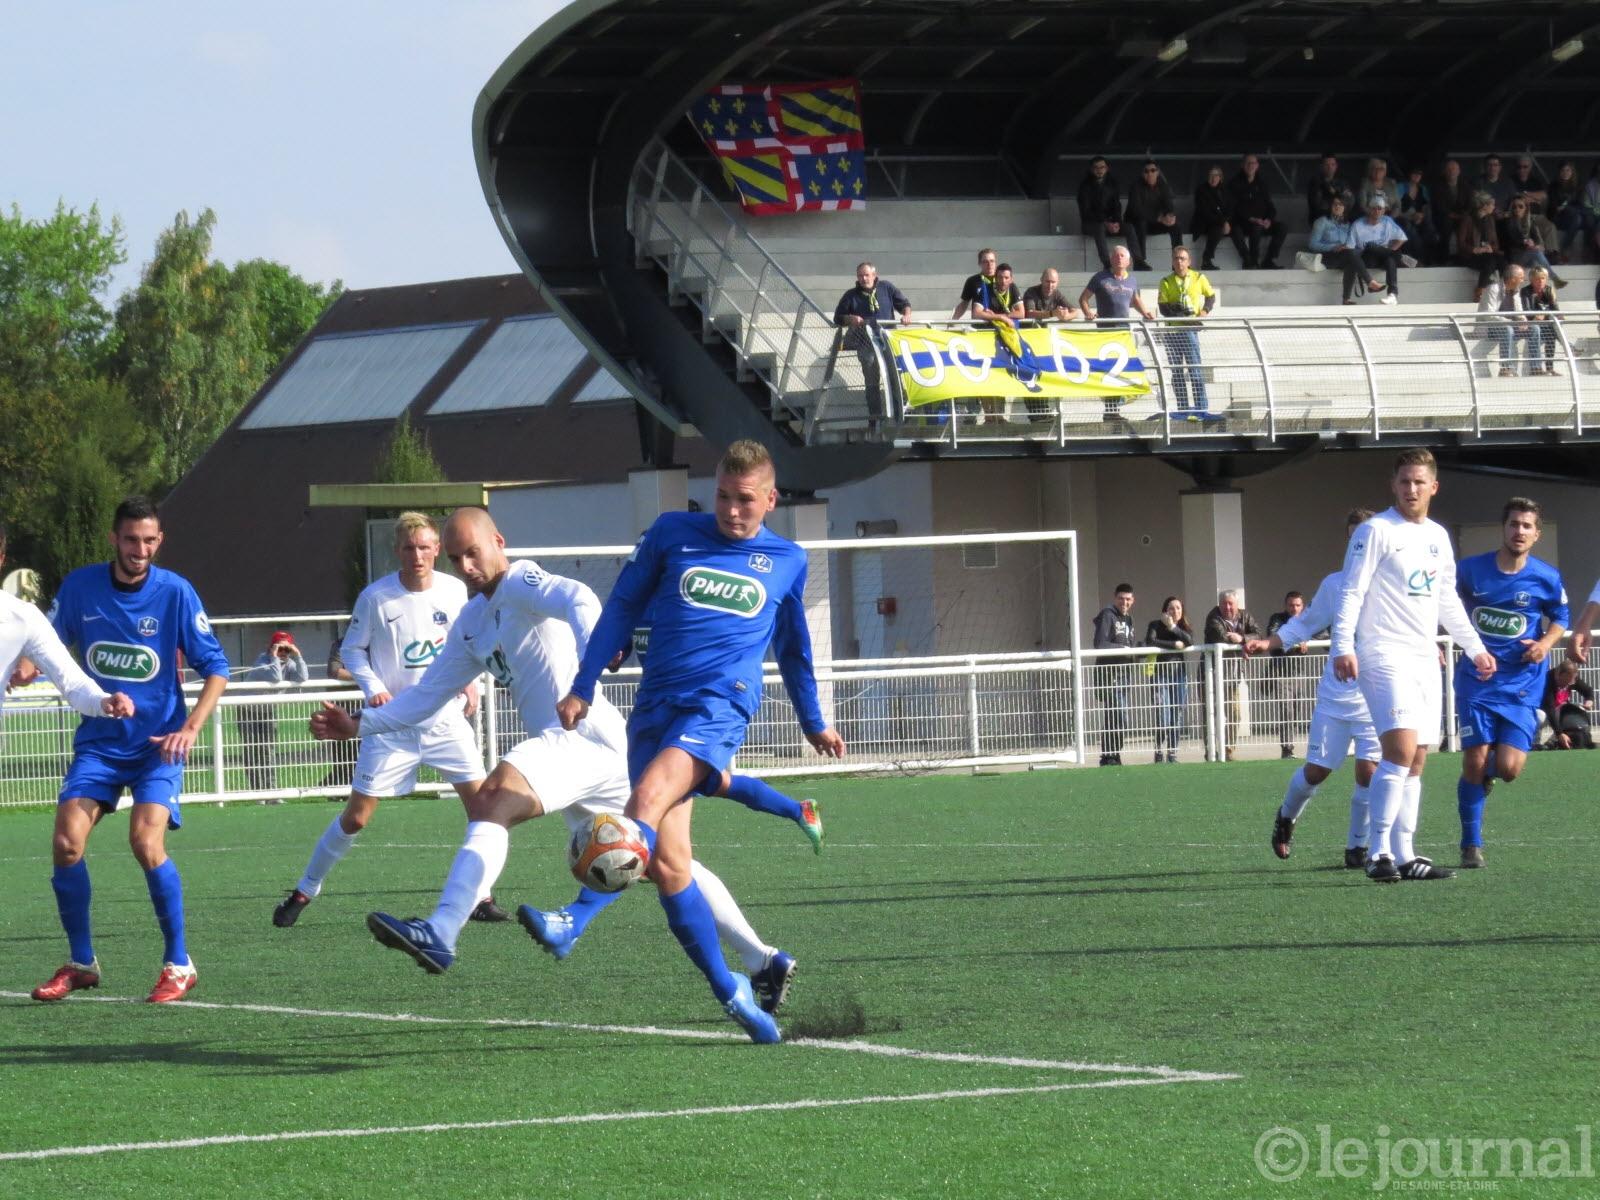 Coupe de france 4e tour chatenoy lr 0 3 fcg r sultat football club de gueugnon - Resultat foot coupe de france 2015 ...